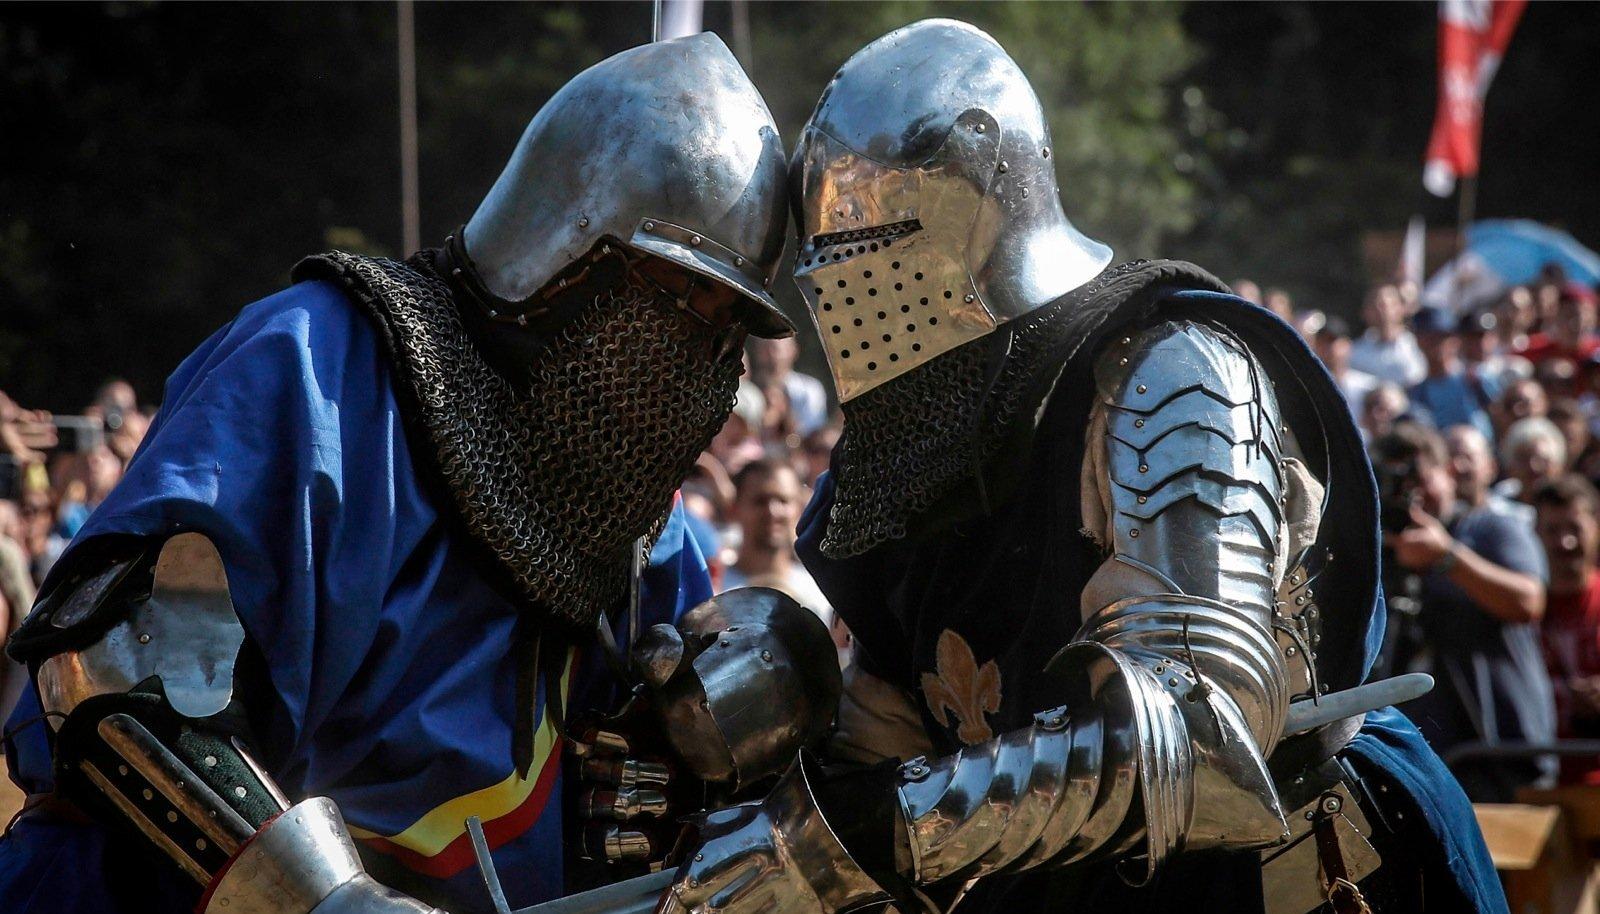 Valimisvõit võib oleneda üliväikestest pisiasjadest. Üheks neist võib osutuda Keskerakonna esimehe Jüri Ratase isiklik duell oma pearivaali Kaja Kallasega.